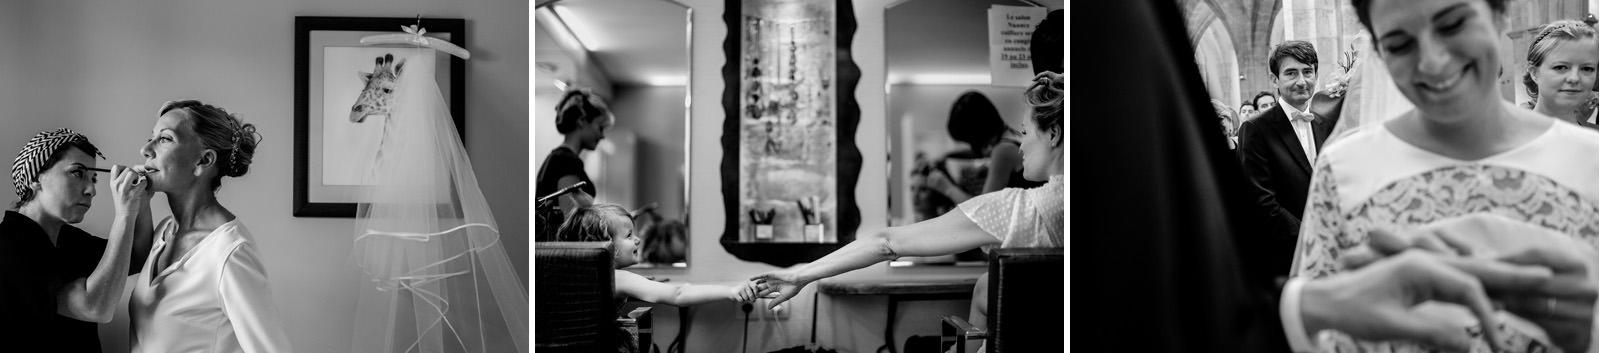 photos en noir et blanc de la préparation de la mariée